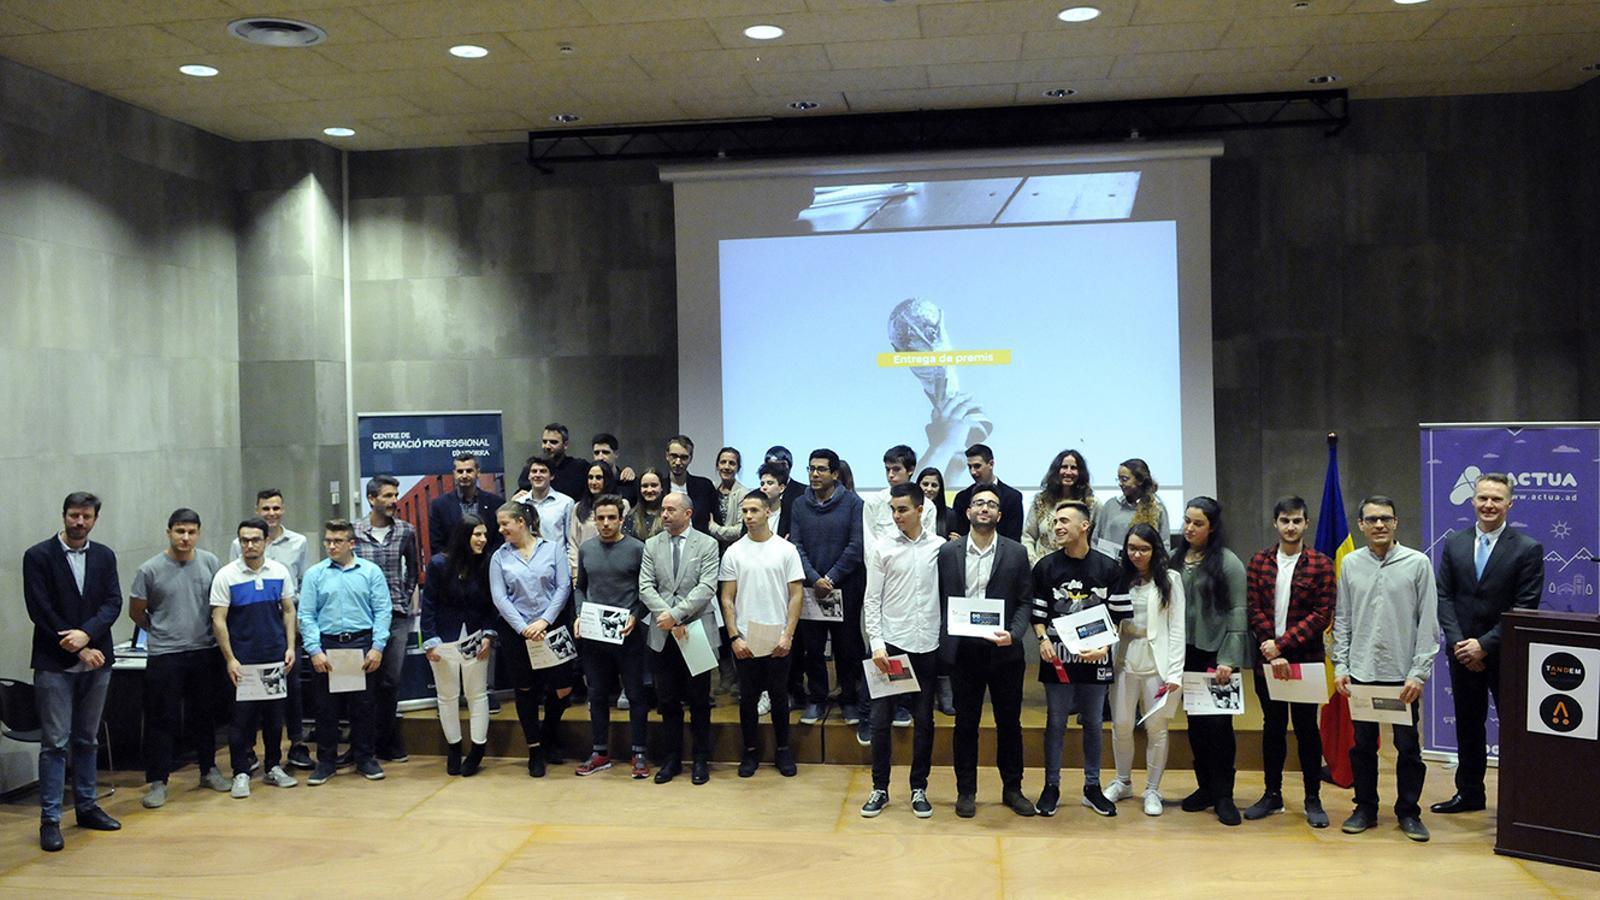 Foto de família dels equips participants, de les autoritats i del personal docent. / SFG